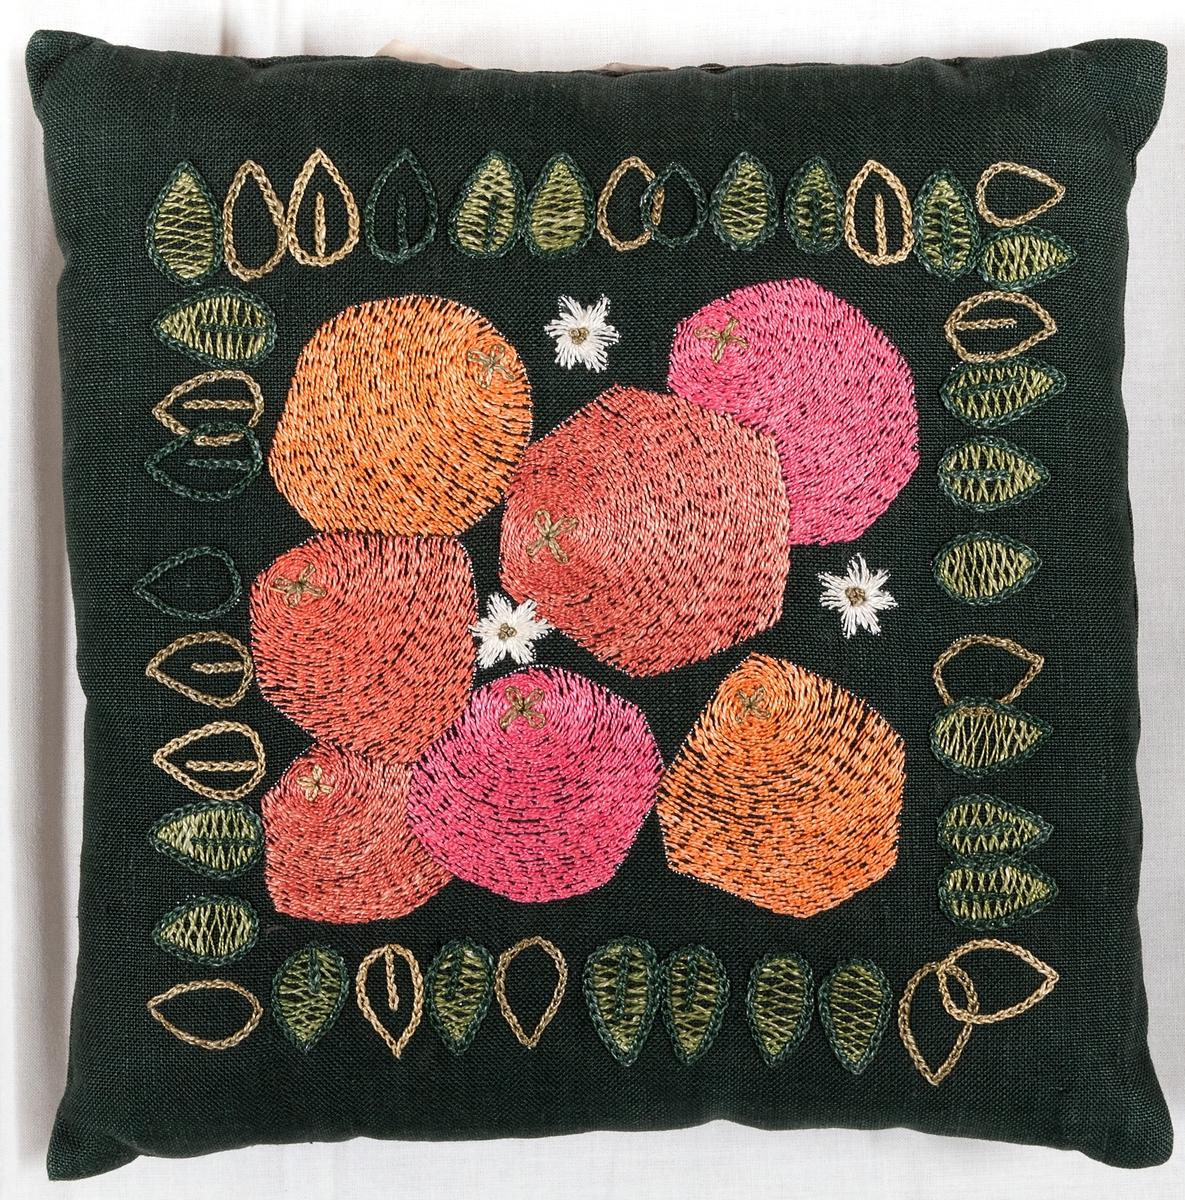 Kudde i mörkgrön tuskaftad linneväv, broderad med stjälksöm, schattersöm, kedjesöm, flätsöm med motiv av frukter, blommor och blad runt om. Ej igensydd i ena sidan.